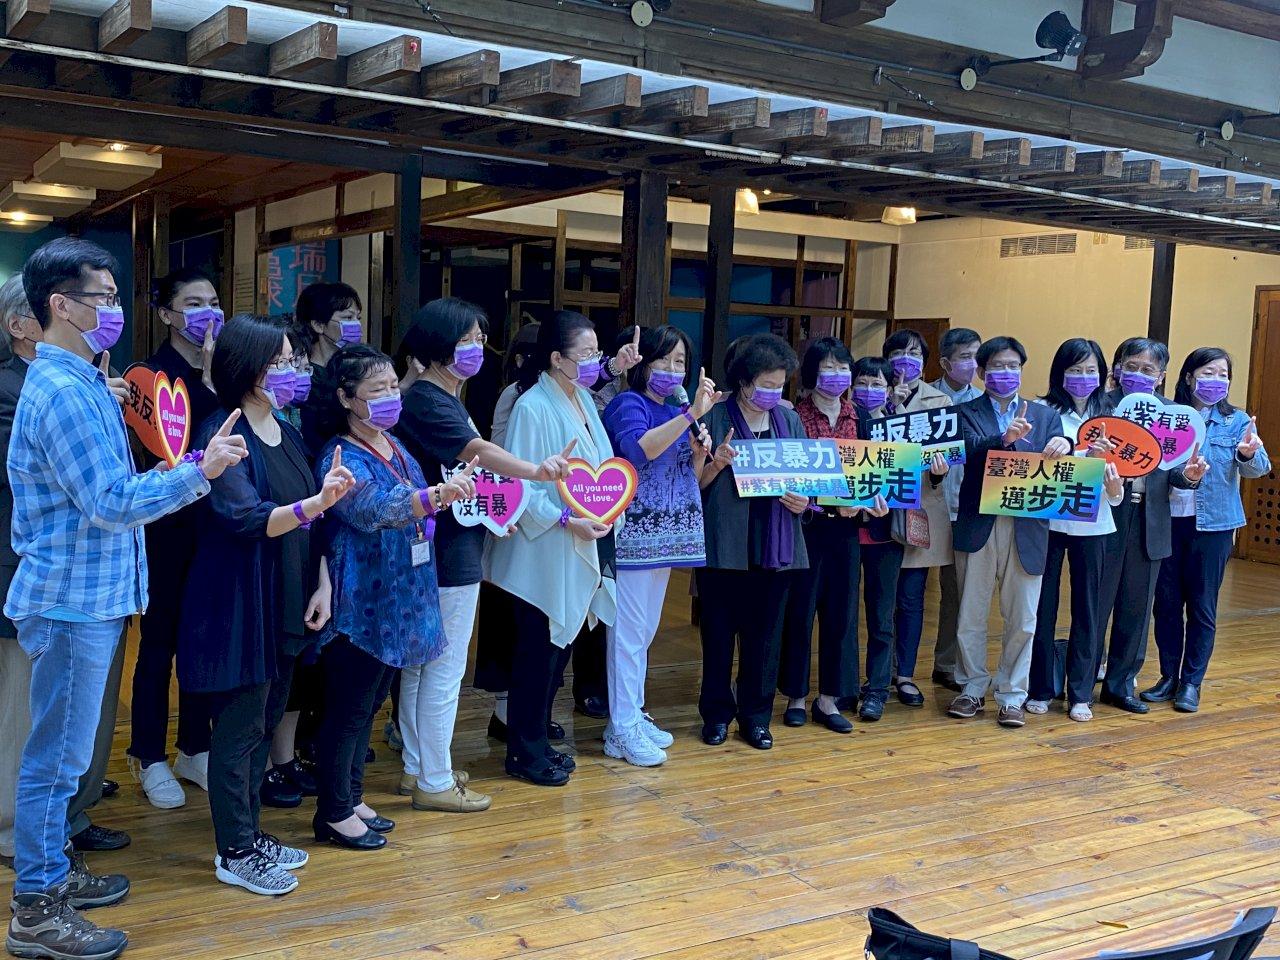 紀念「國際終止婦女受暴日」 陳菊:台灣自由民主得來不易